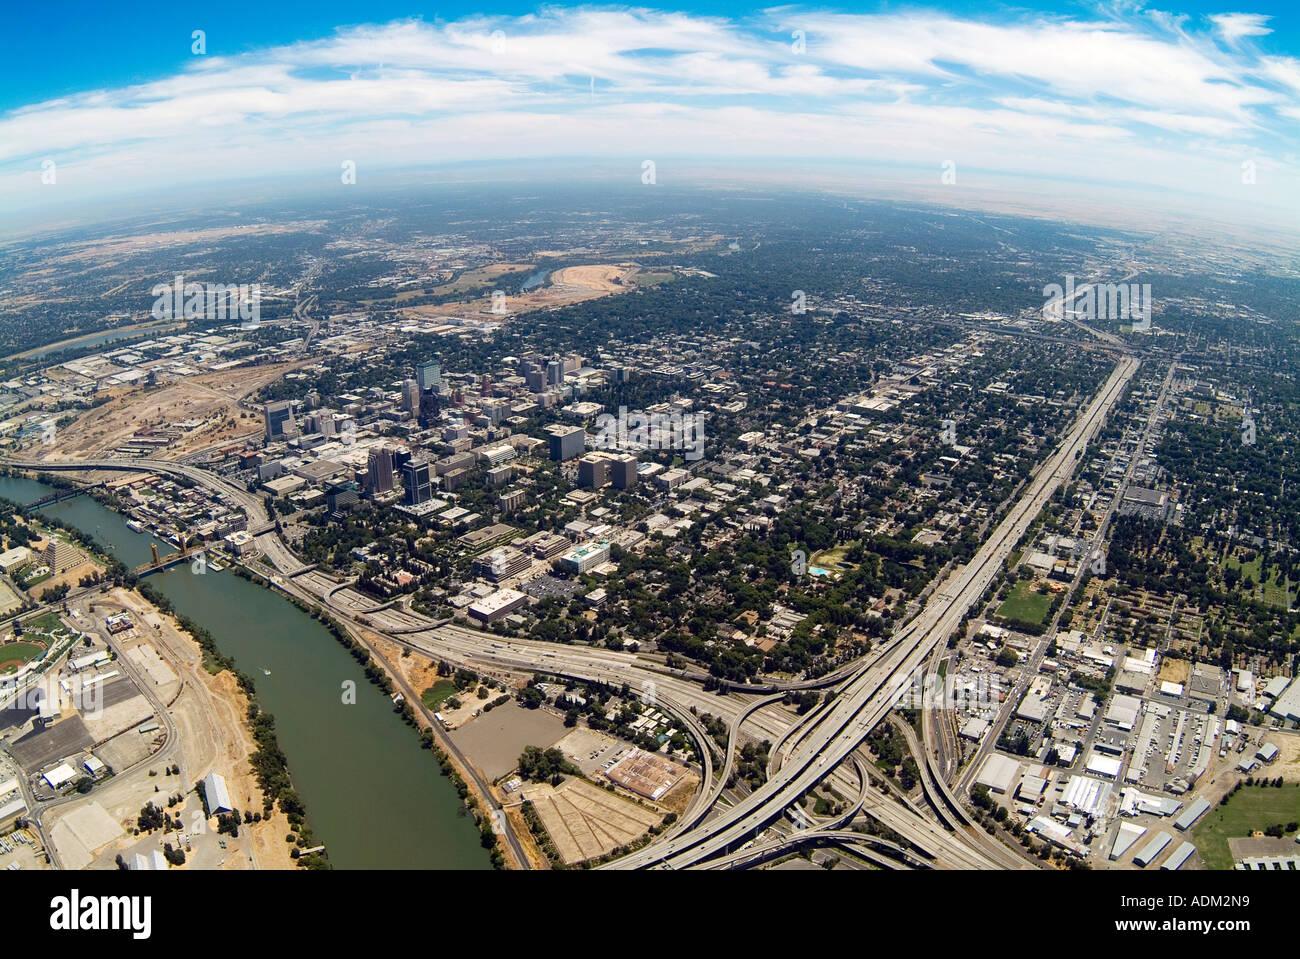 aerial view above Sacramento river and city of Sacramento, CA - Stock Image